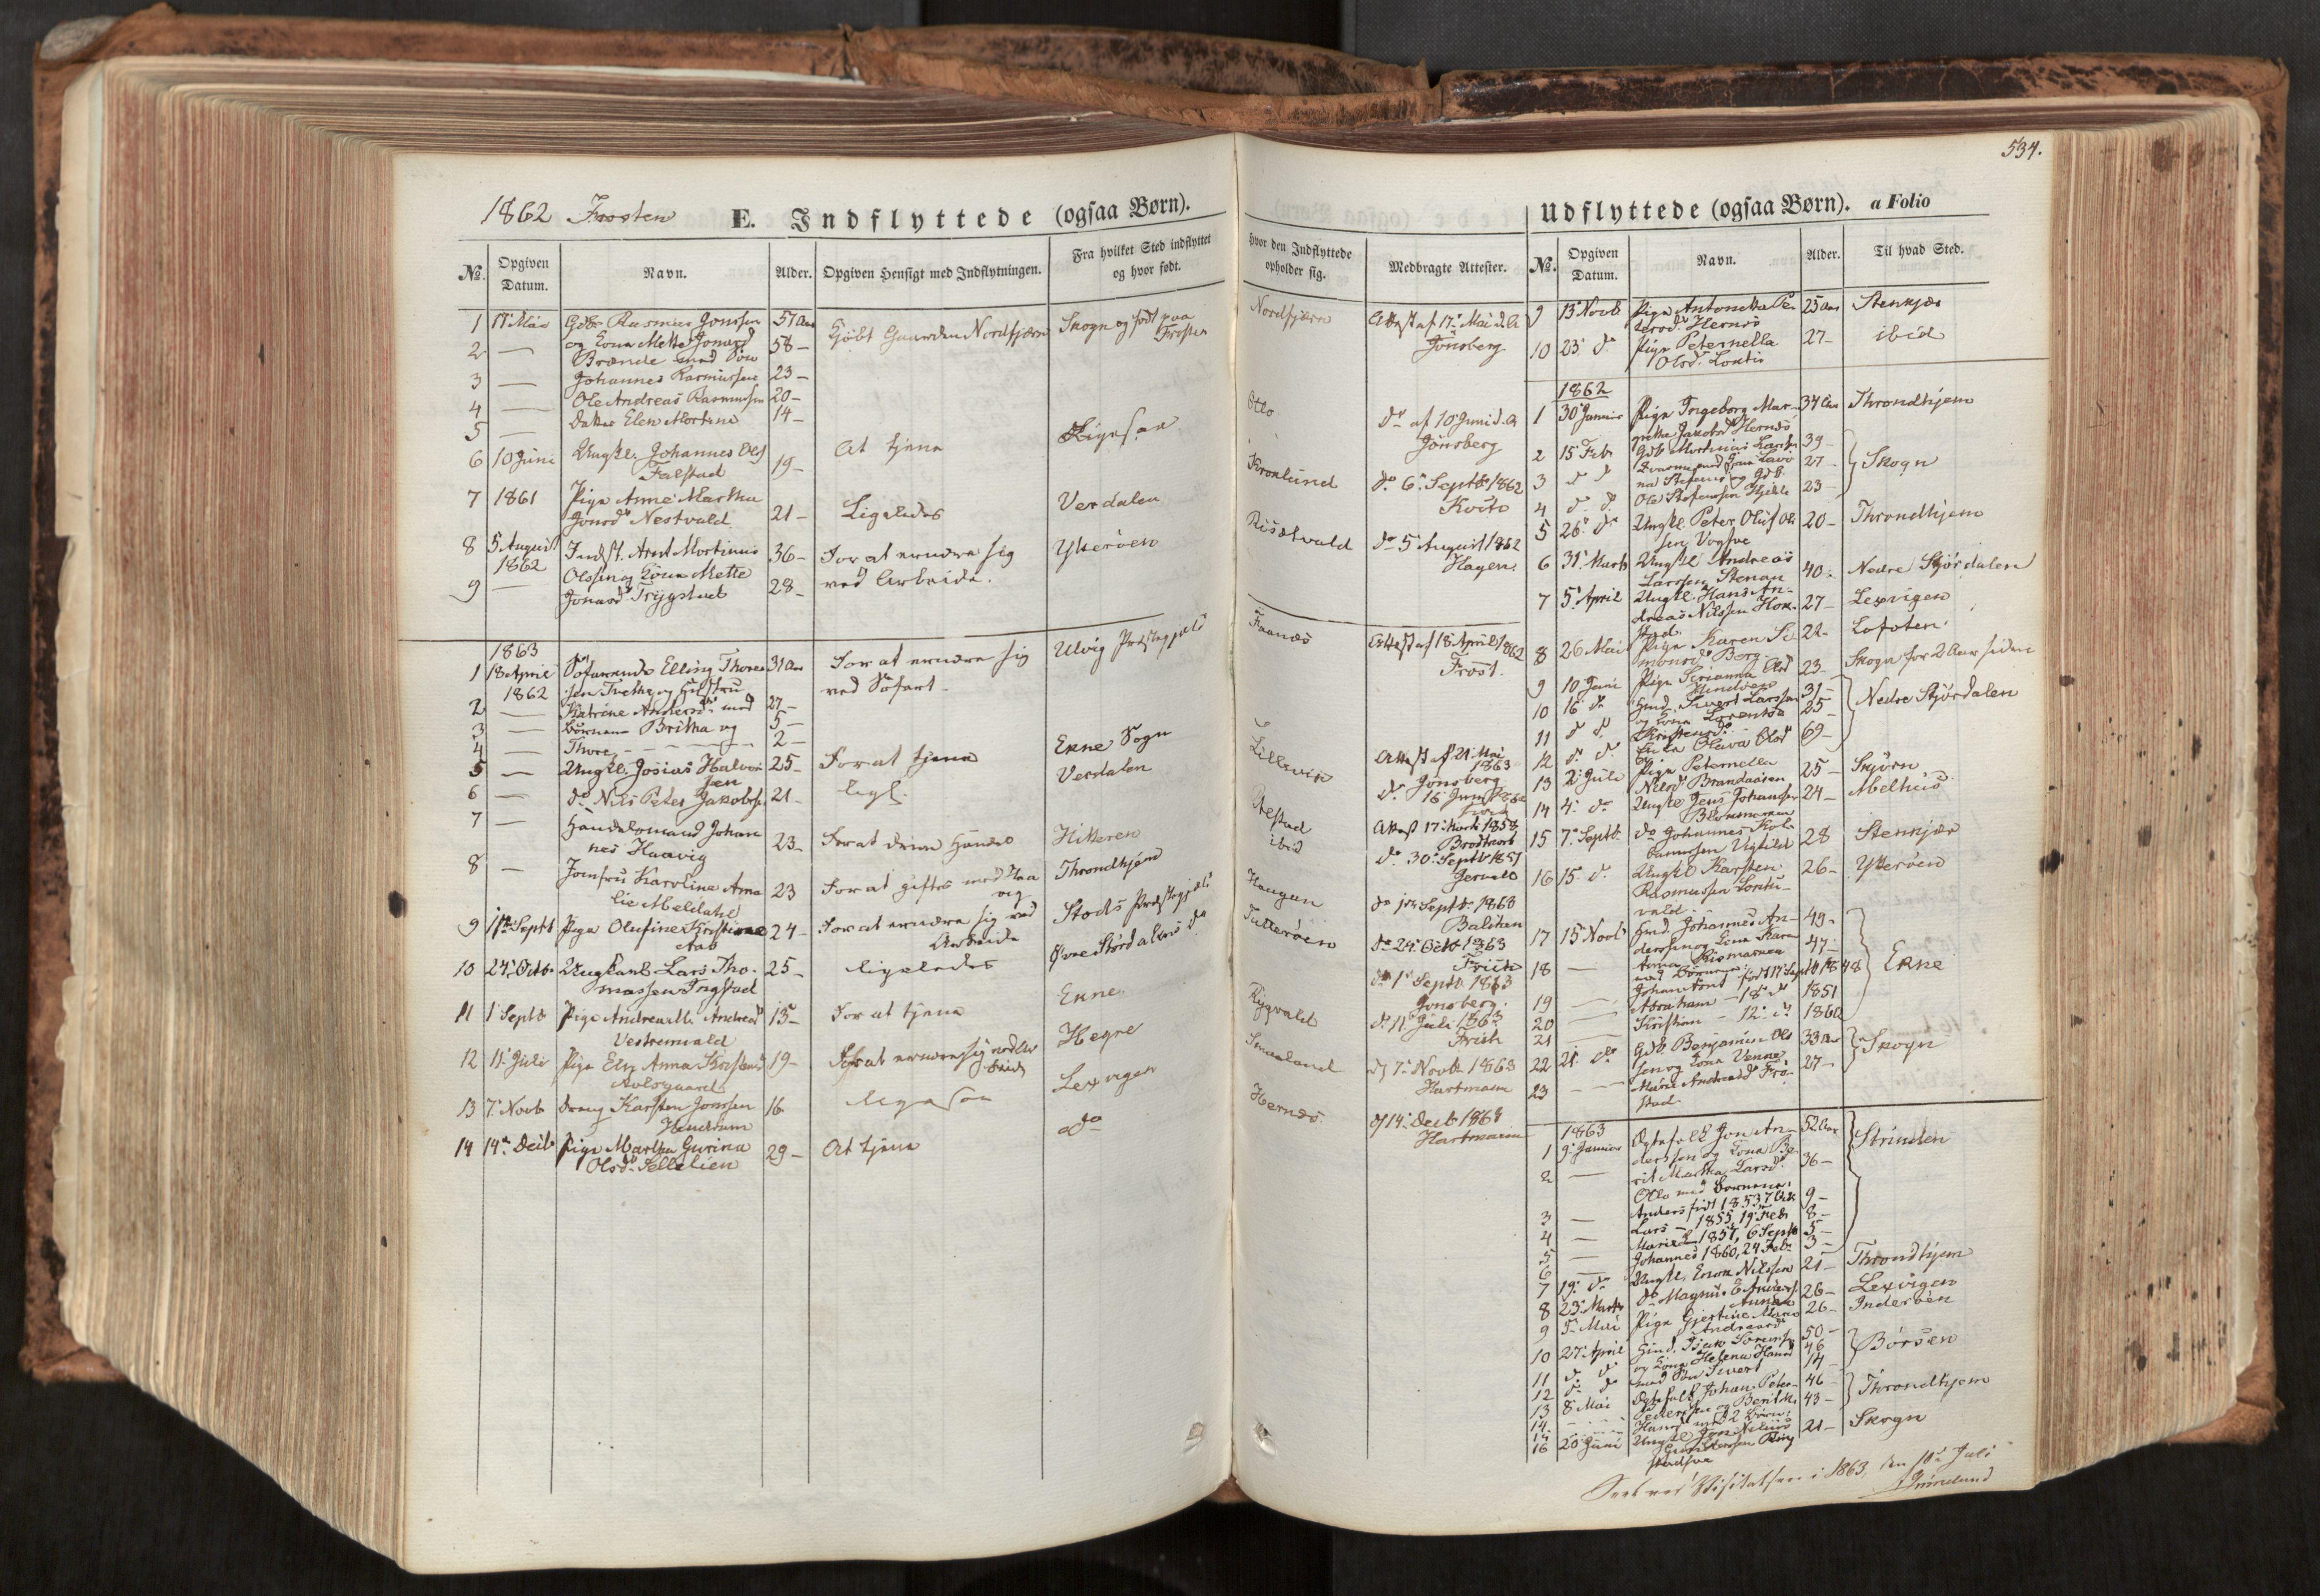 SAT, Ministerialprotokoller, klokkerbøker og fødselsregistre - Nord-Trøndelag, 713/L0116: Ministerialbok nr. 713A07, 1850-1877, s. 534